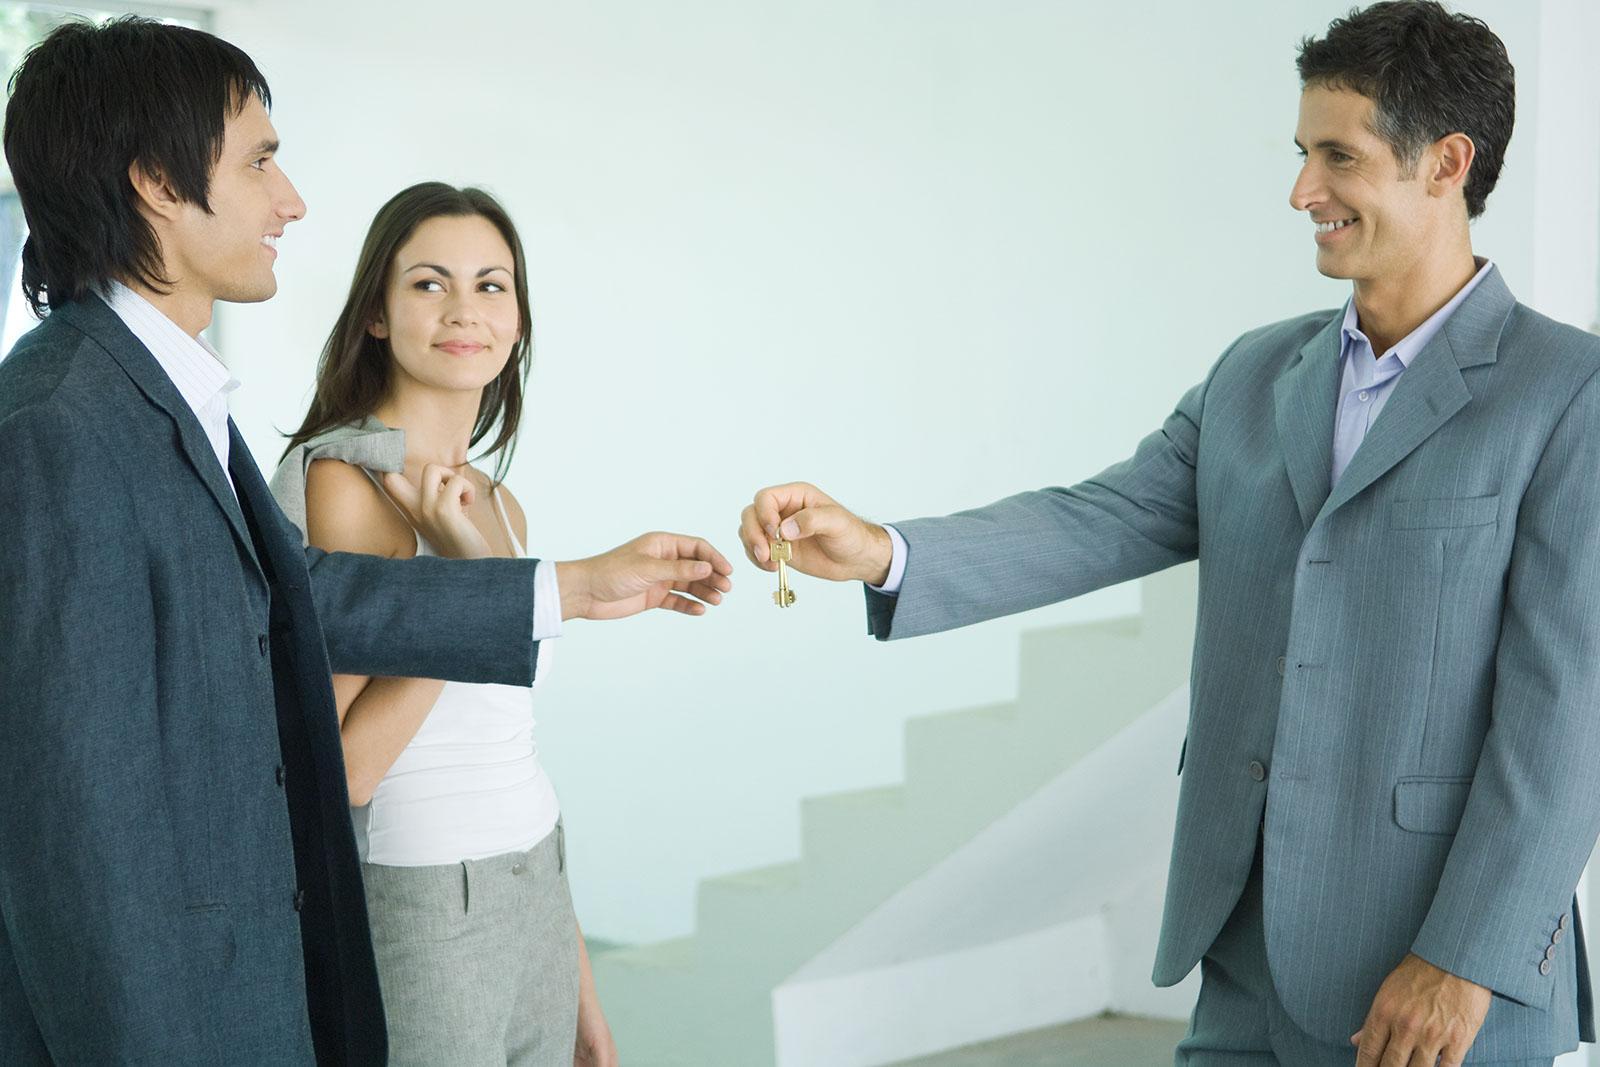 Seja confiante para atrair clientes e bons negócios